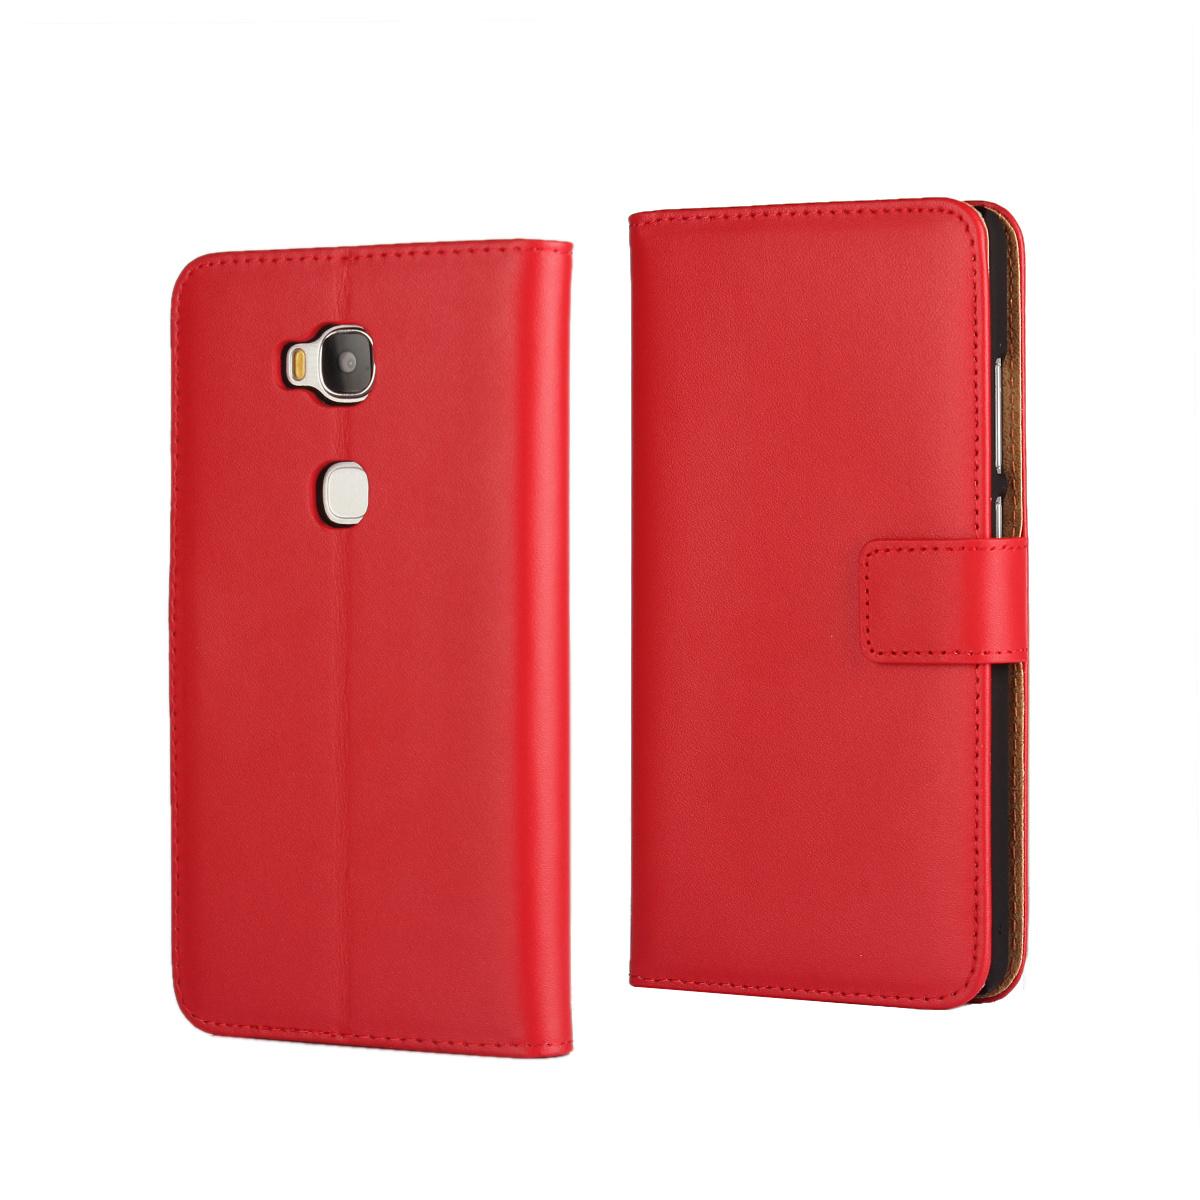 Http List Item Best Selling Sport Stereo Goospery Iphone 7 Sky Slide Bumper Case Lime 569077986 00g 0 W St G